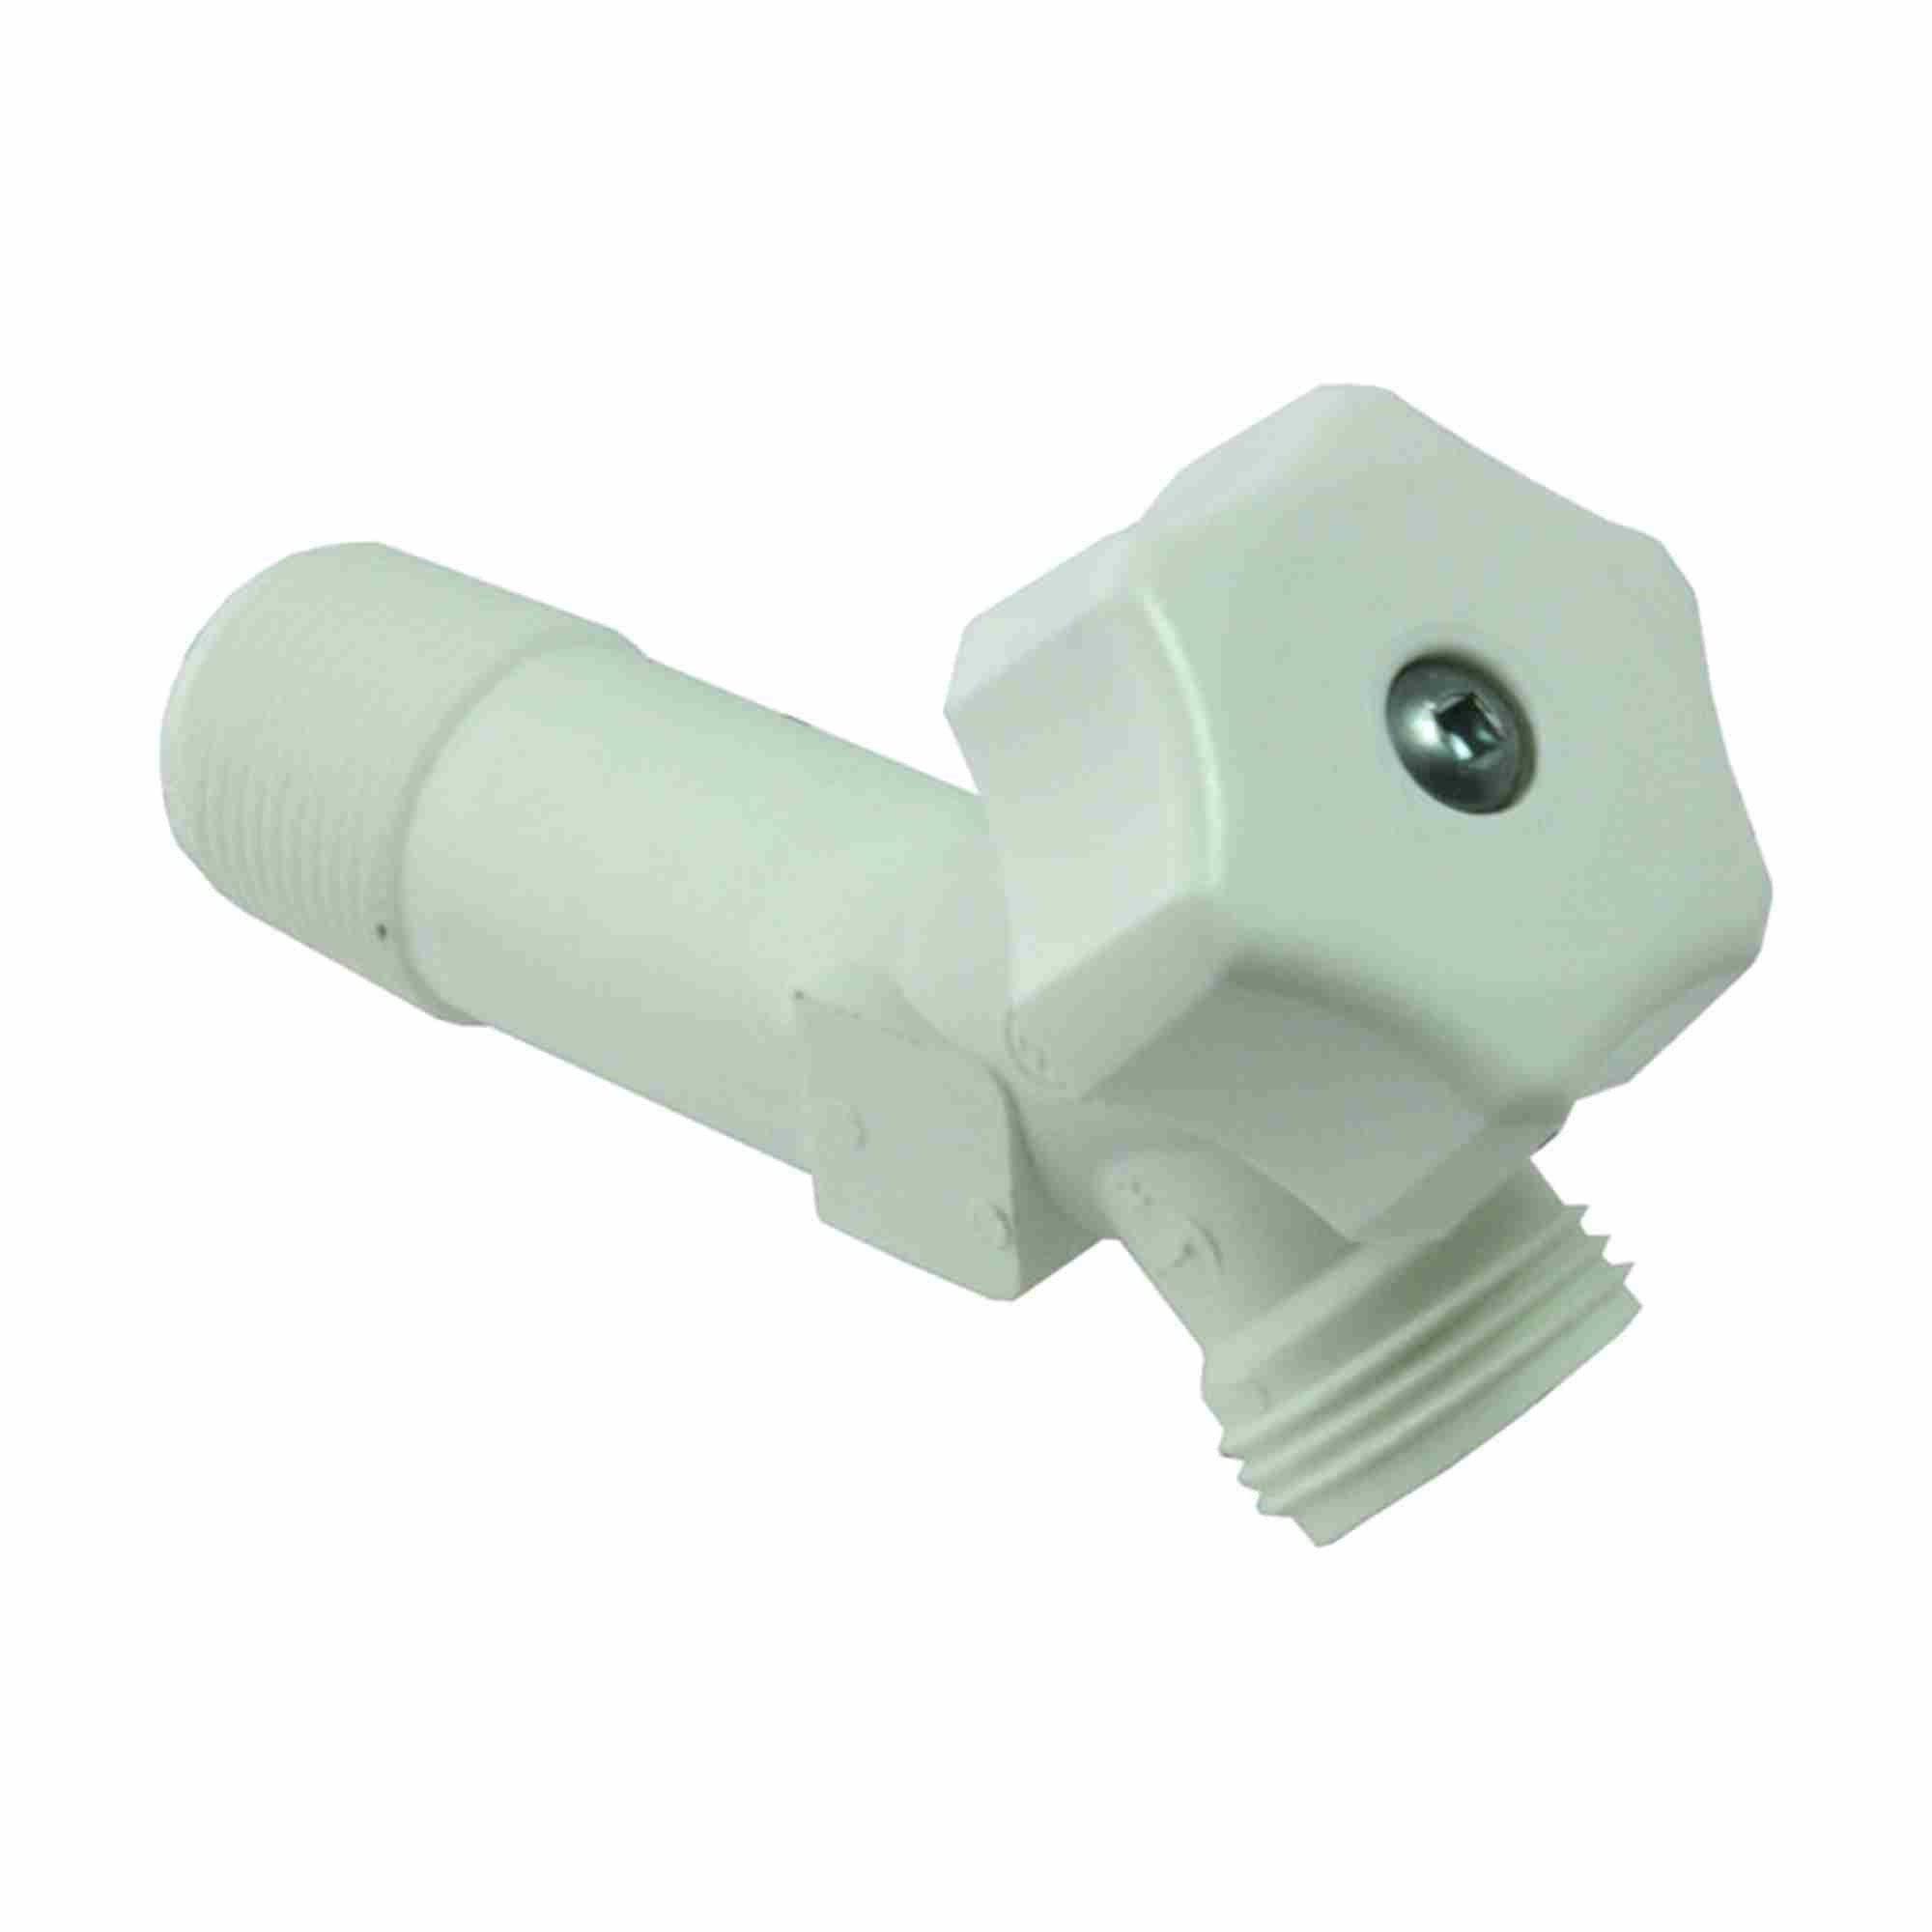 Uv12039 Water Heater Drain Valve Universal 3 4 Inch Plastic